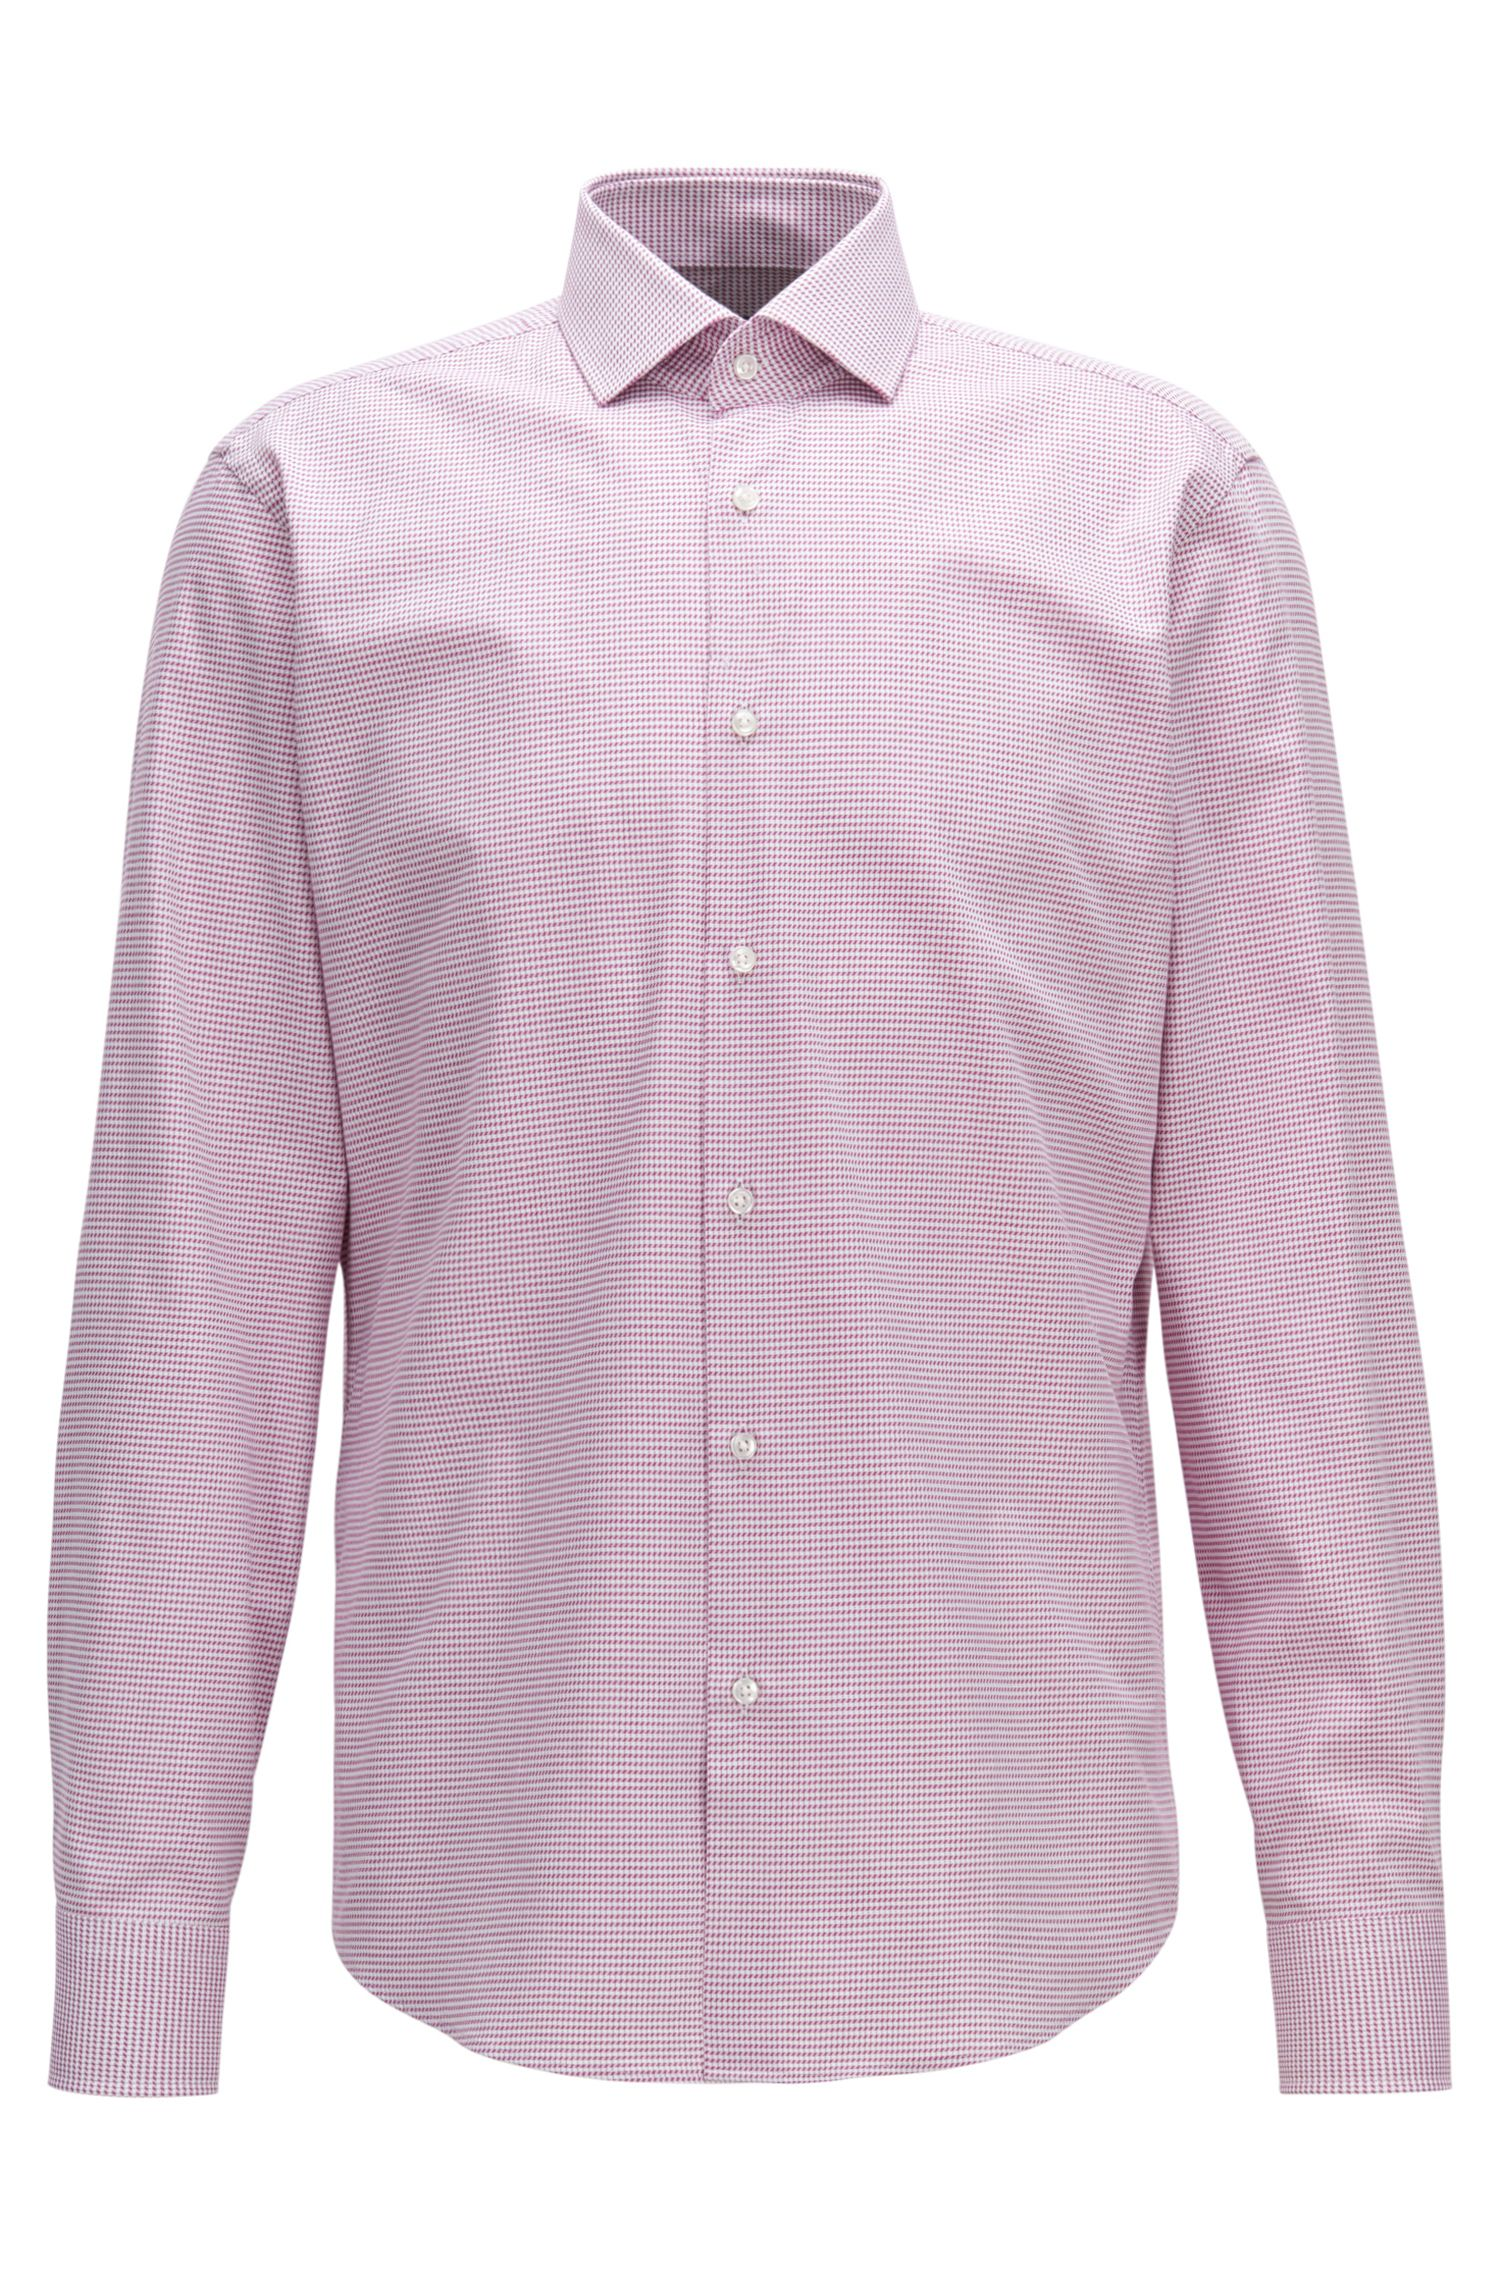 Camicia regular fit in twill di cotone con microdisegni